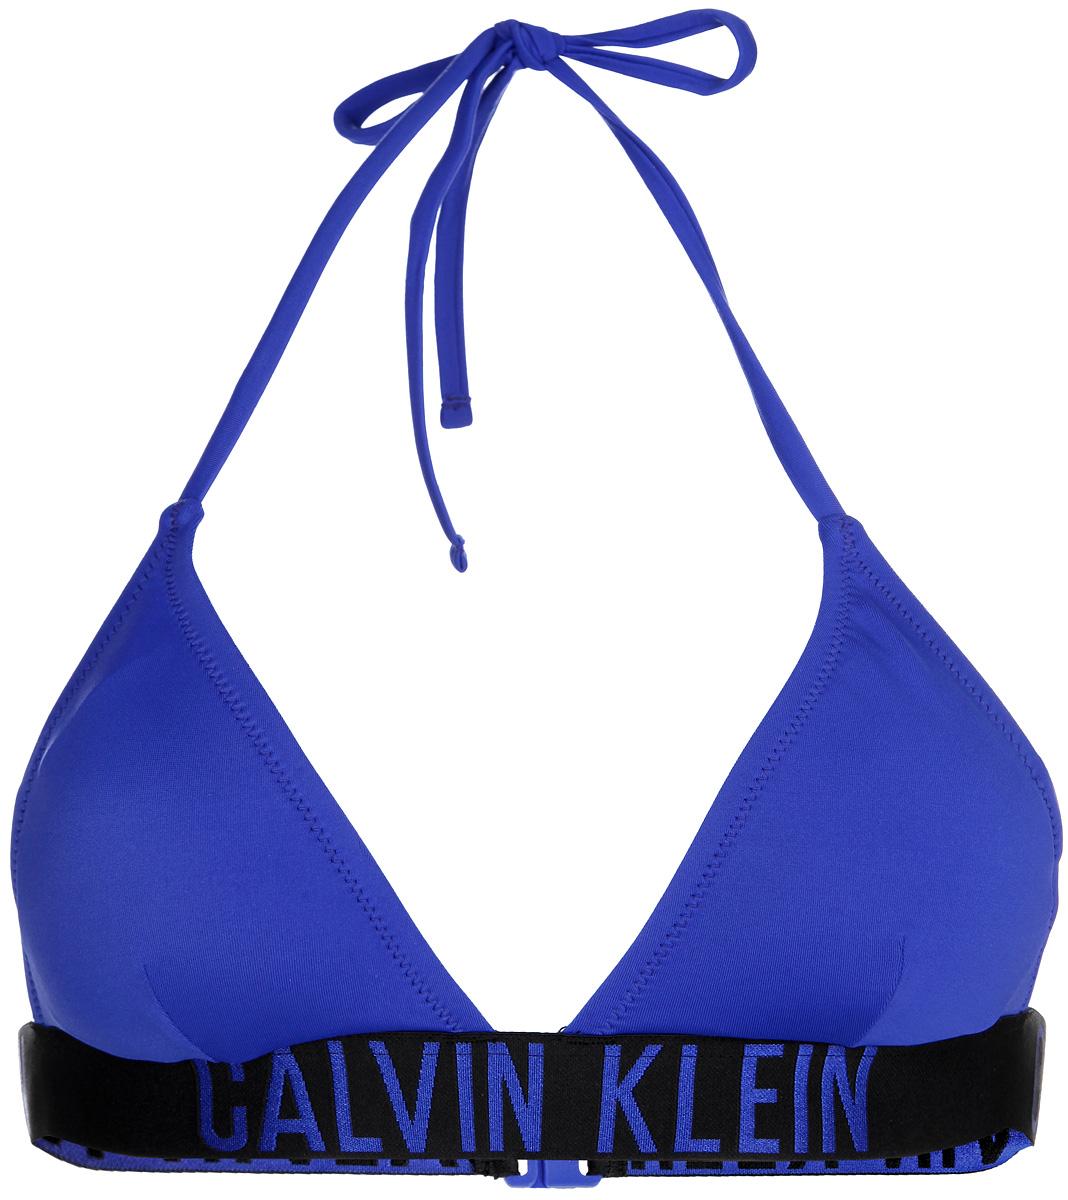 Купальный бюстгальтер. K9WK011001K9WK011001_455Стильный купальный бюстгальтер Calvin Klein Underwear, изготовленный из эластичного материала, быстро сохнет и сохраняет первоначальный вид и форму даже при длительном использовании. Лиф с треугольными чашечками и поролоновыми вкладышами, которые при необходимости можно извлечь, завязывается на завязки вокруг шеи и застегивается на пластиковую защелку на спине. По низу проходит эластичная резинка, оформленная принтом в виде названия бренда. Такой бюстгальтер поможет вам легко создать эффектный пляжный образ. Актуальная расцветка и современный дизайн сделают эту модель незаменимым атрибутом летнего гардероба.